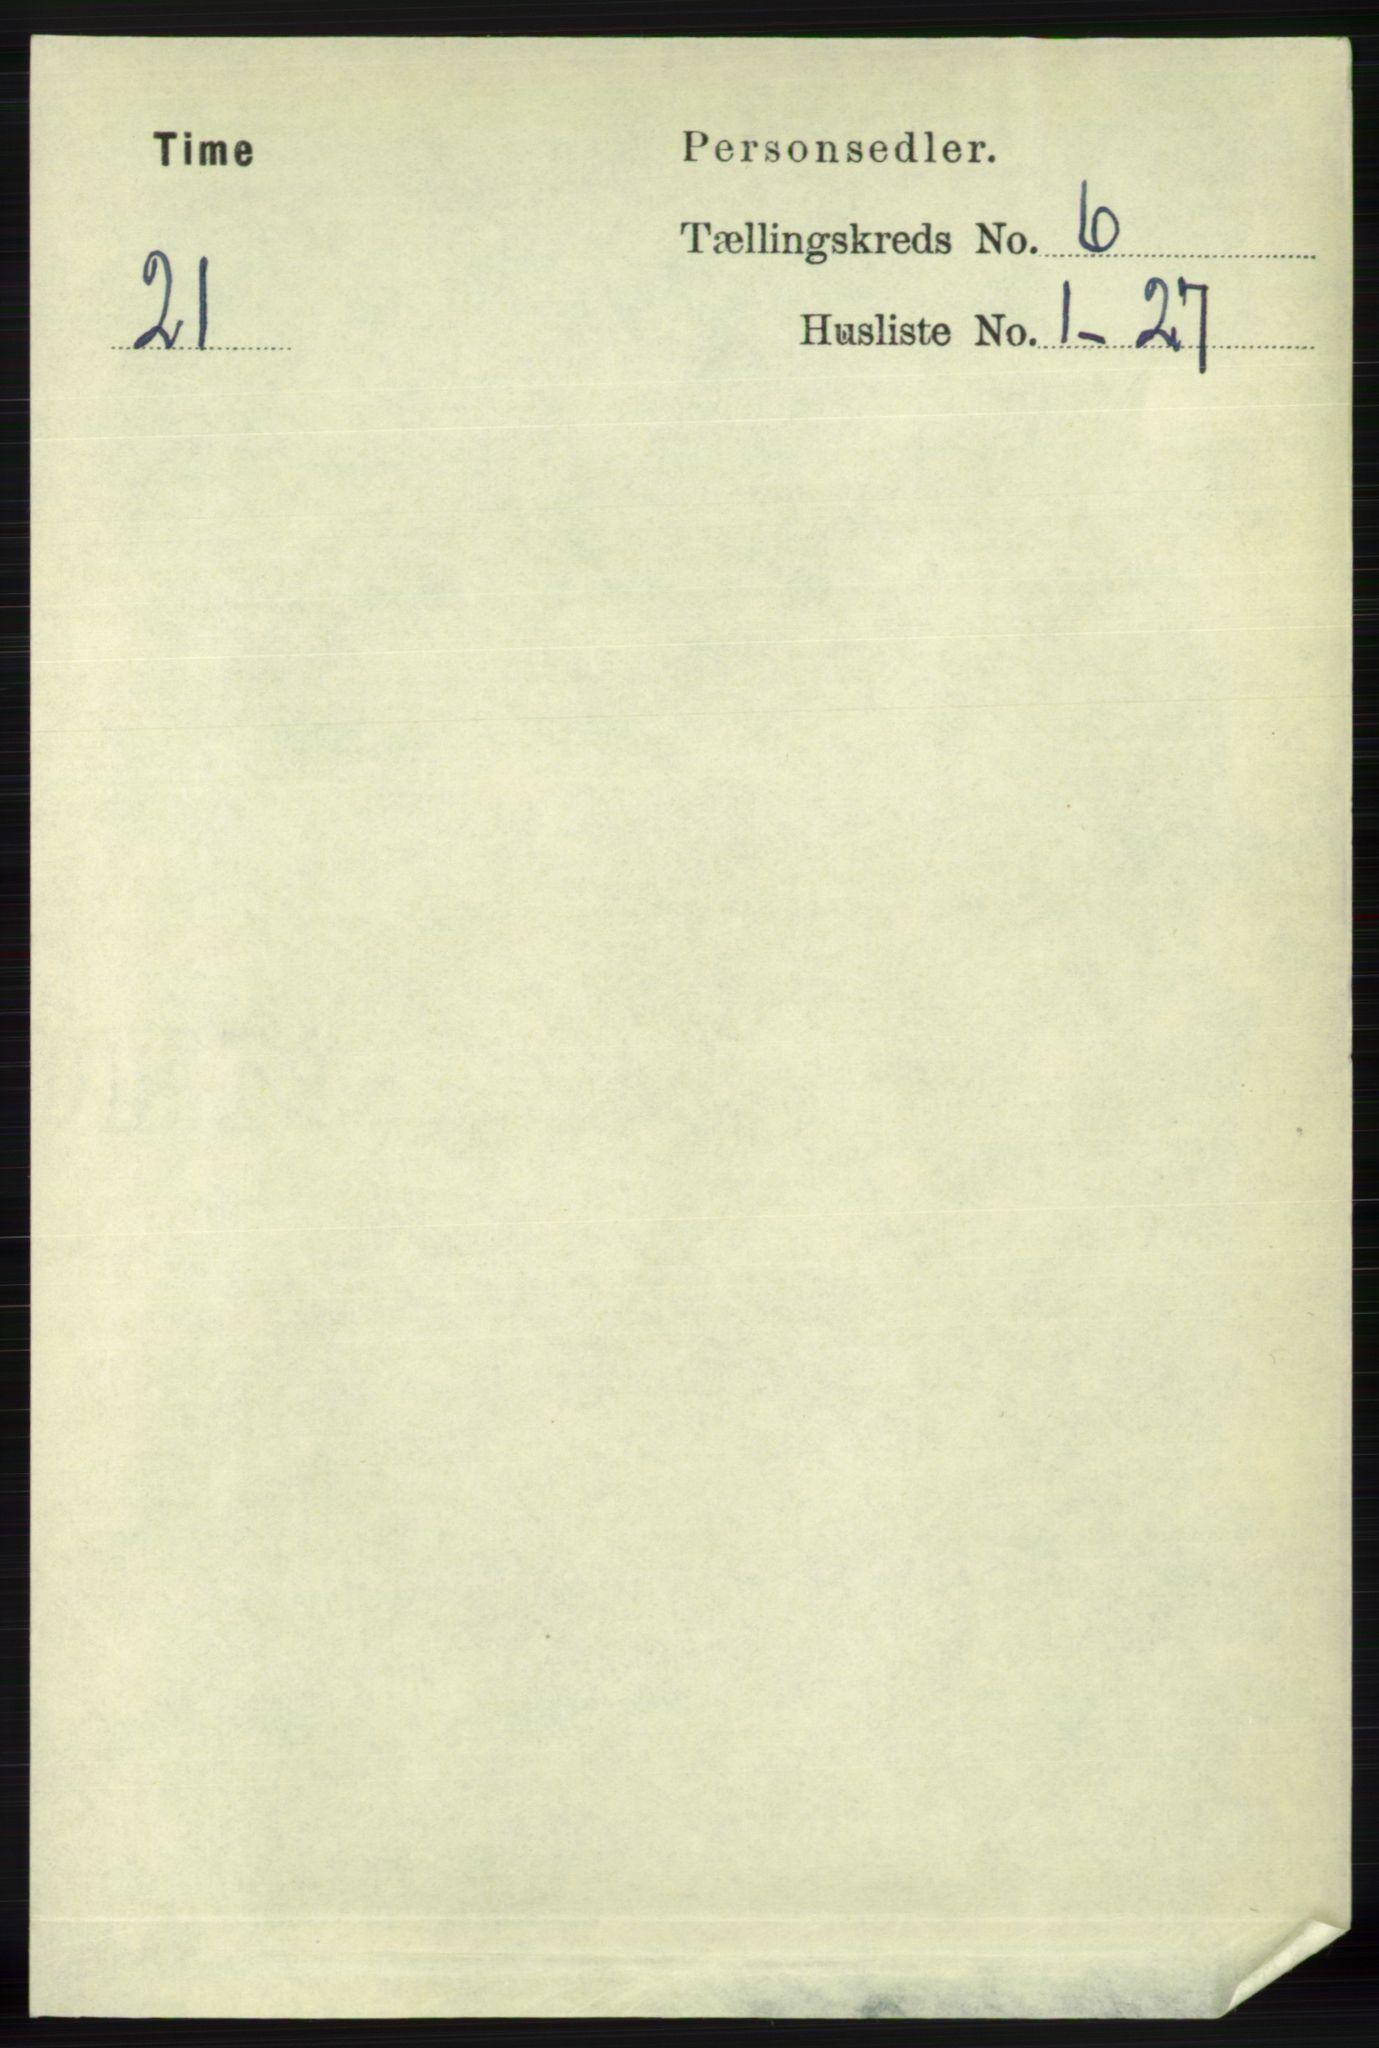 RA, Folketelling 1891 for 1121 Time herred, 1891, s. 2376